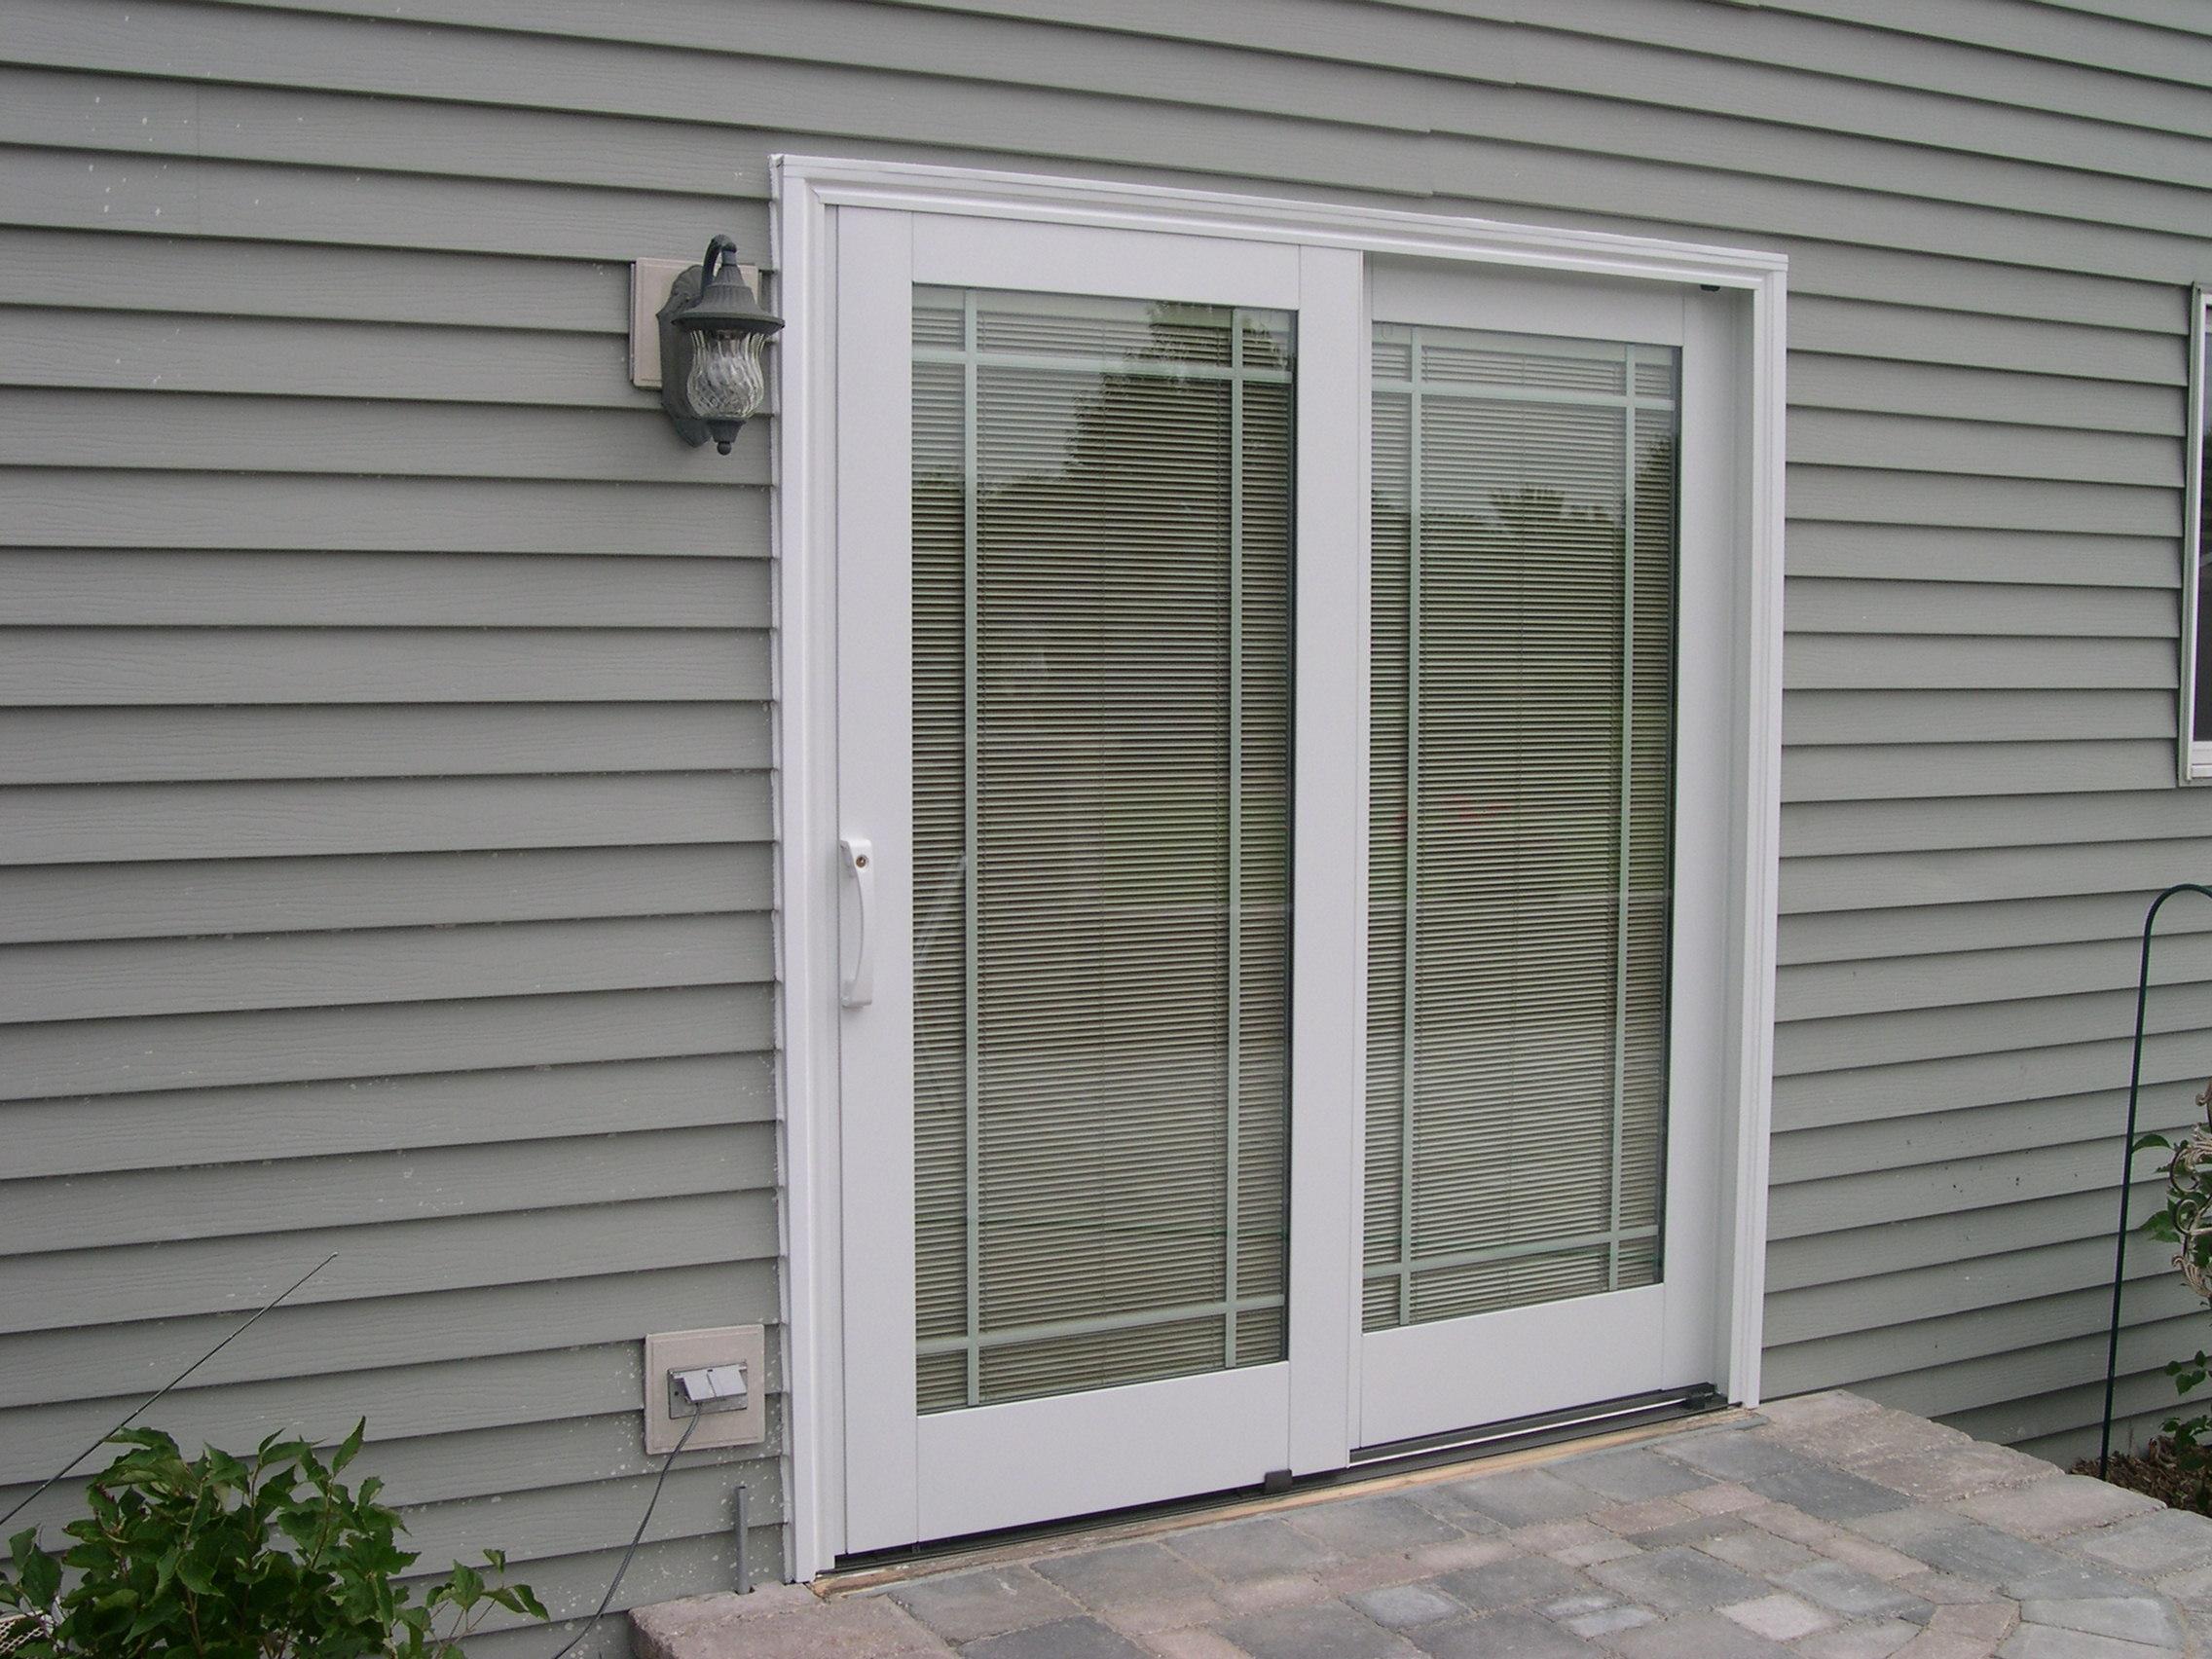 Andersen Sliding Doors With Blinds InsideAndersen Sliding Doors With Blinds Inside